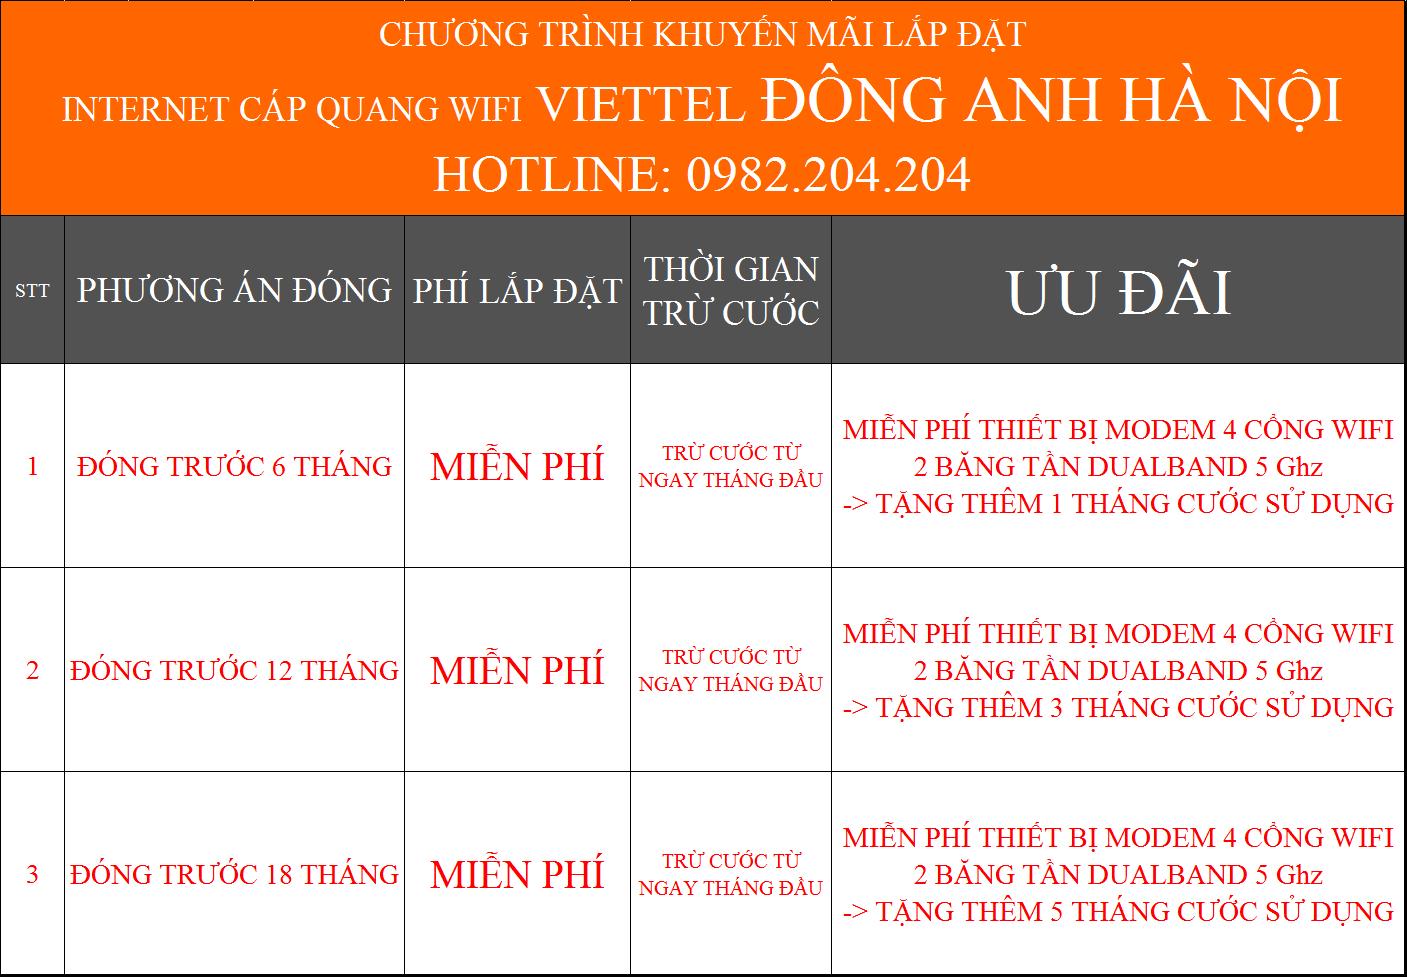 Ưu đãi internet Viettel Đông Anh Hà Nội đóng cước trước